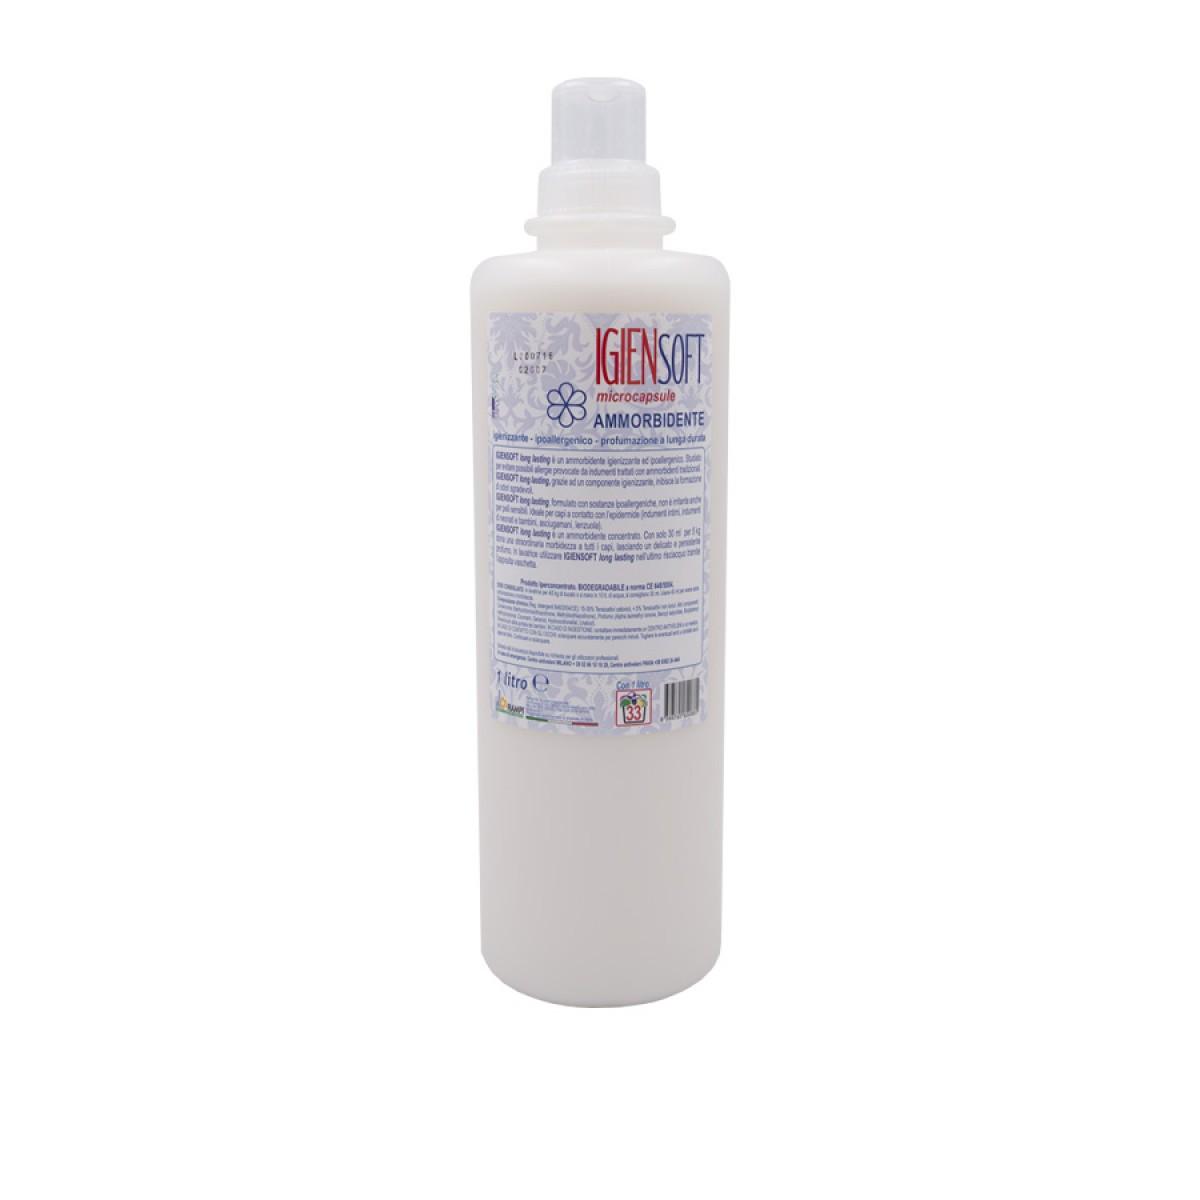 Hypoalergénna aviváž pre zvýšenú hygienu, 1 l